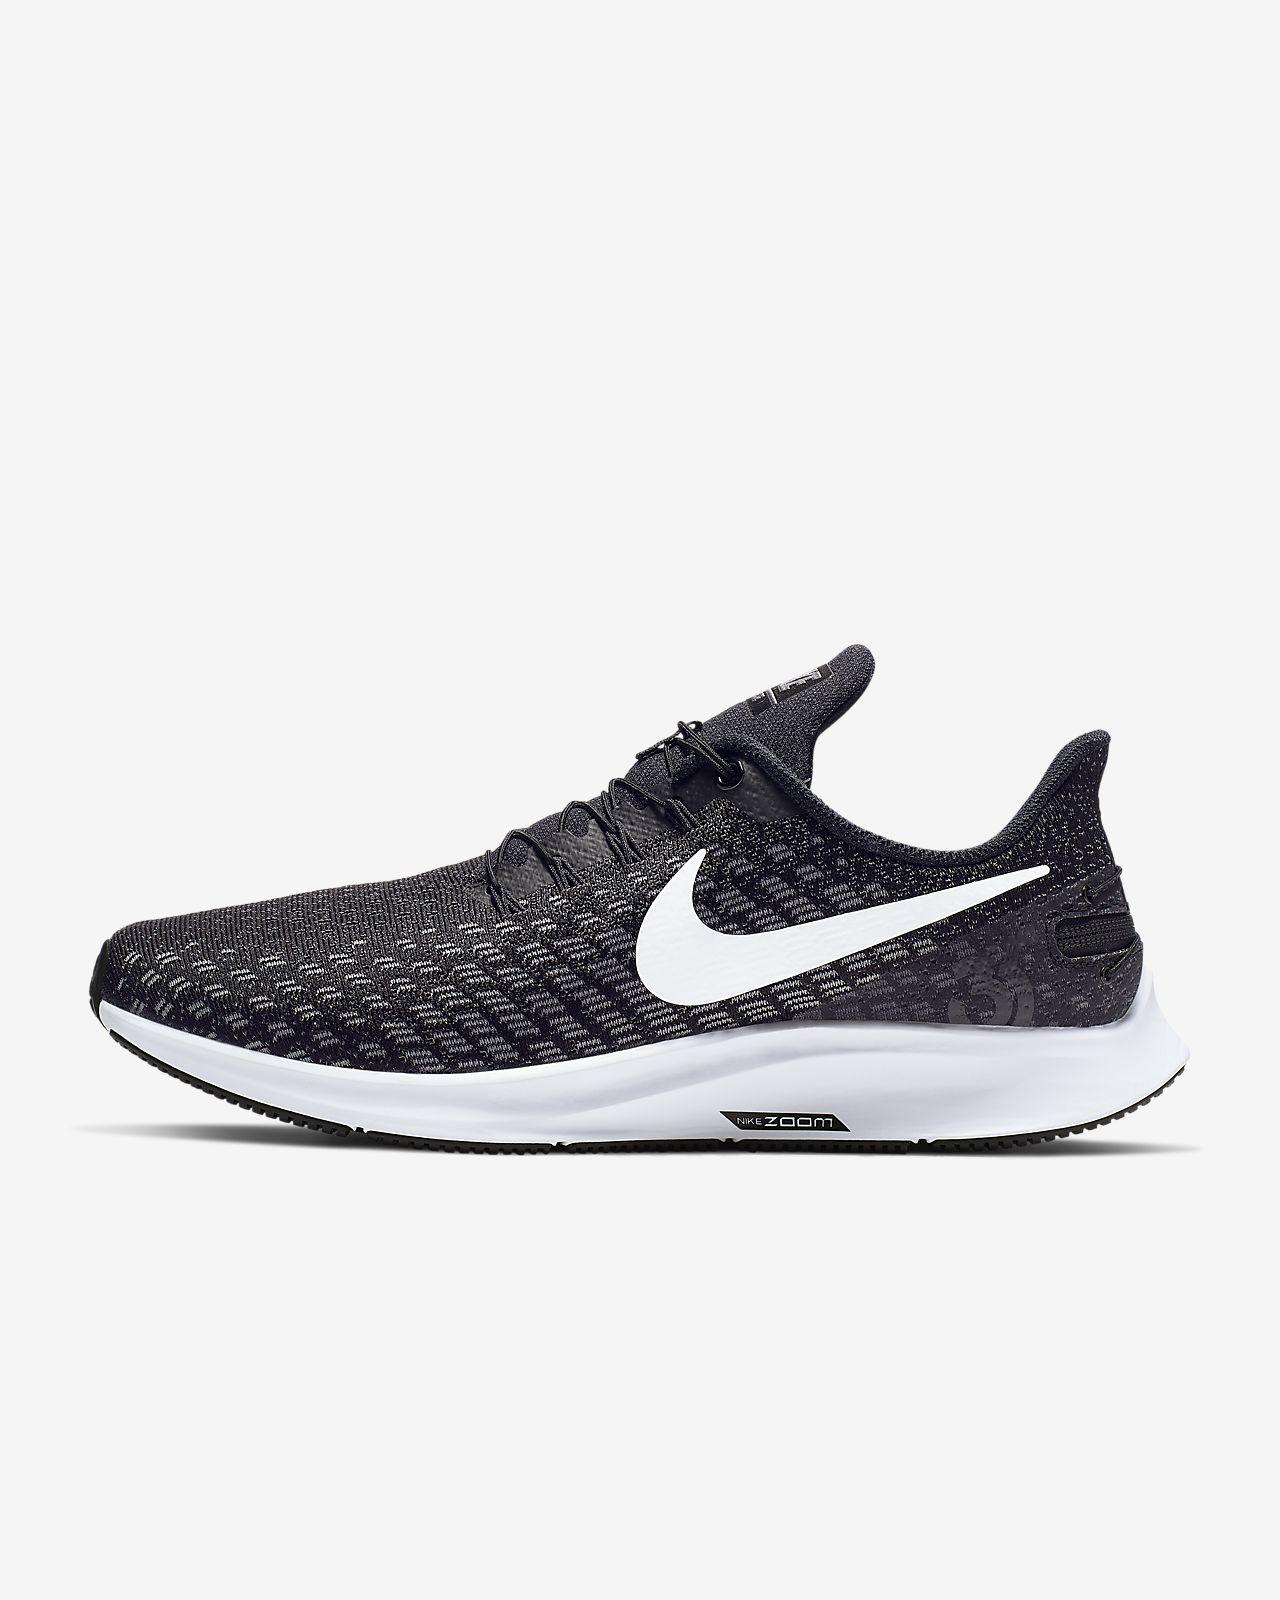 รองเท้าวิ่งผู้หญิง Nike Air Zoom Pegasus 35 FlyEase